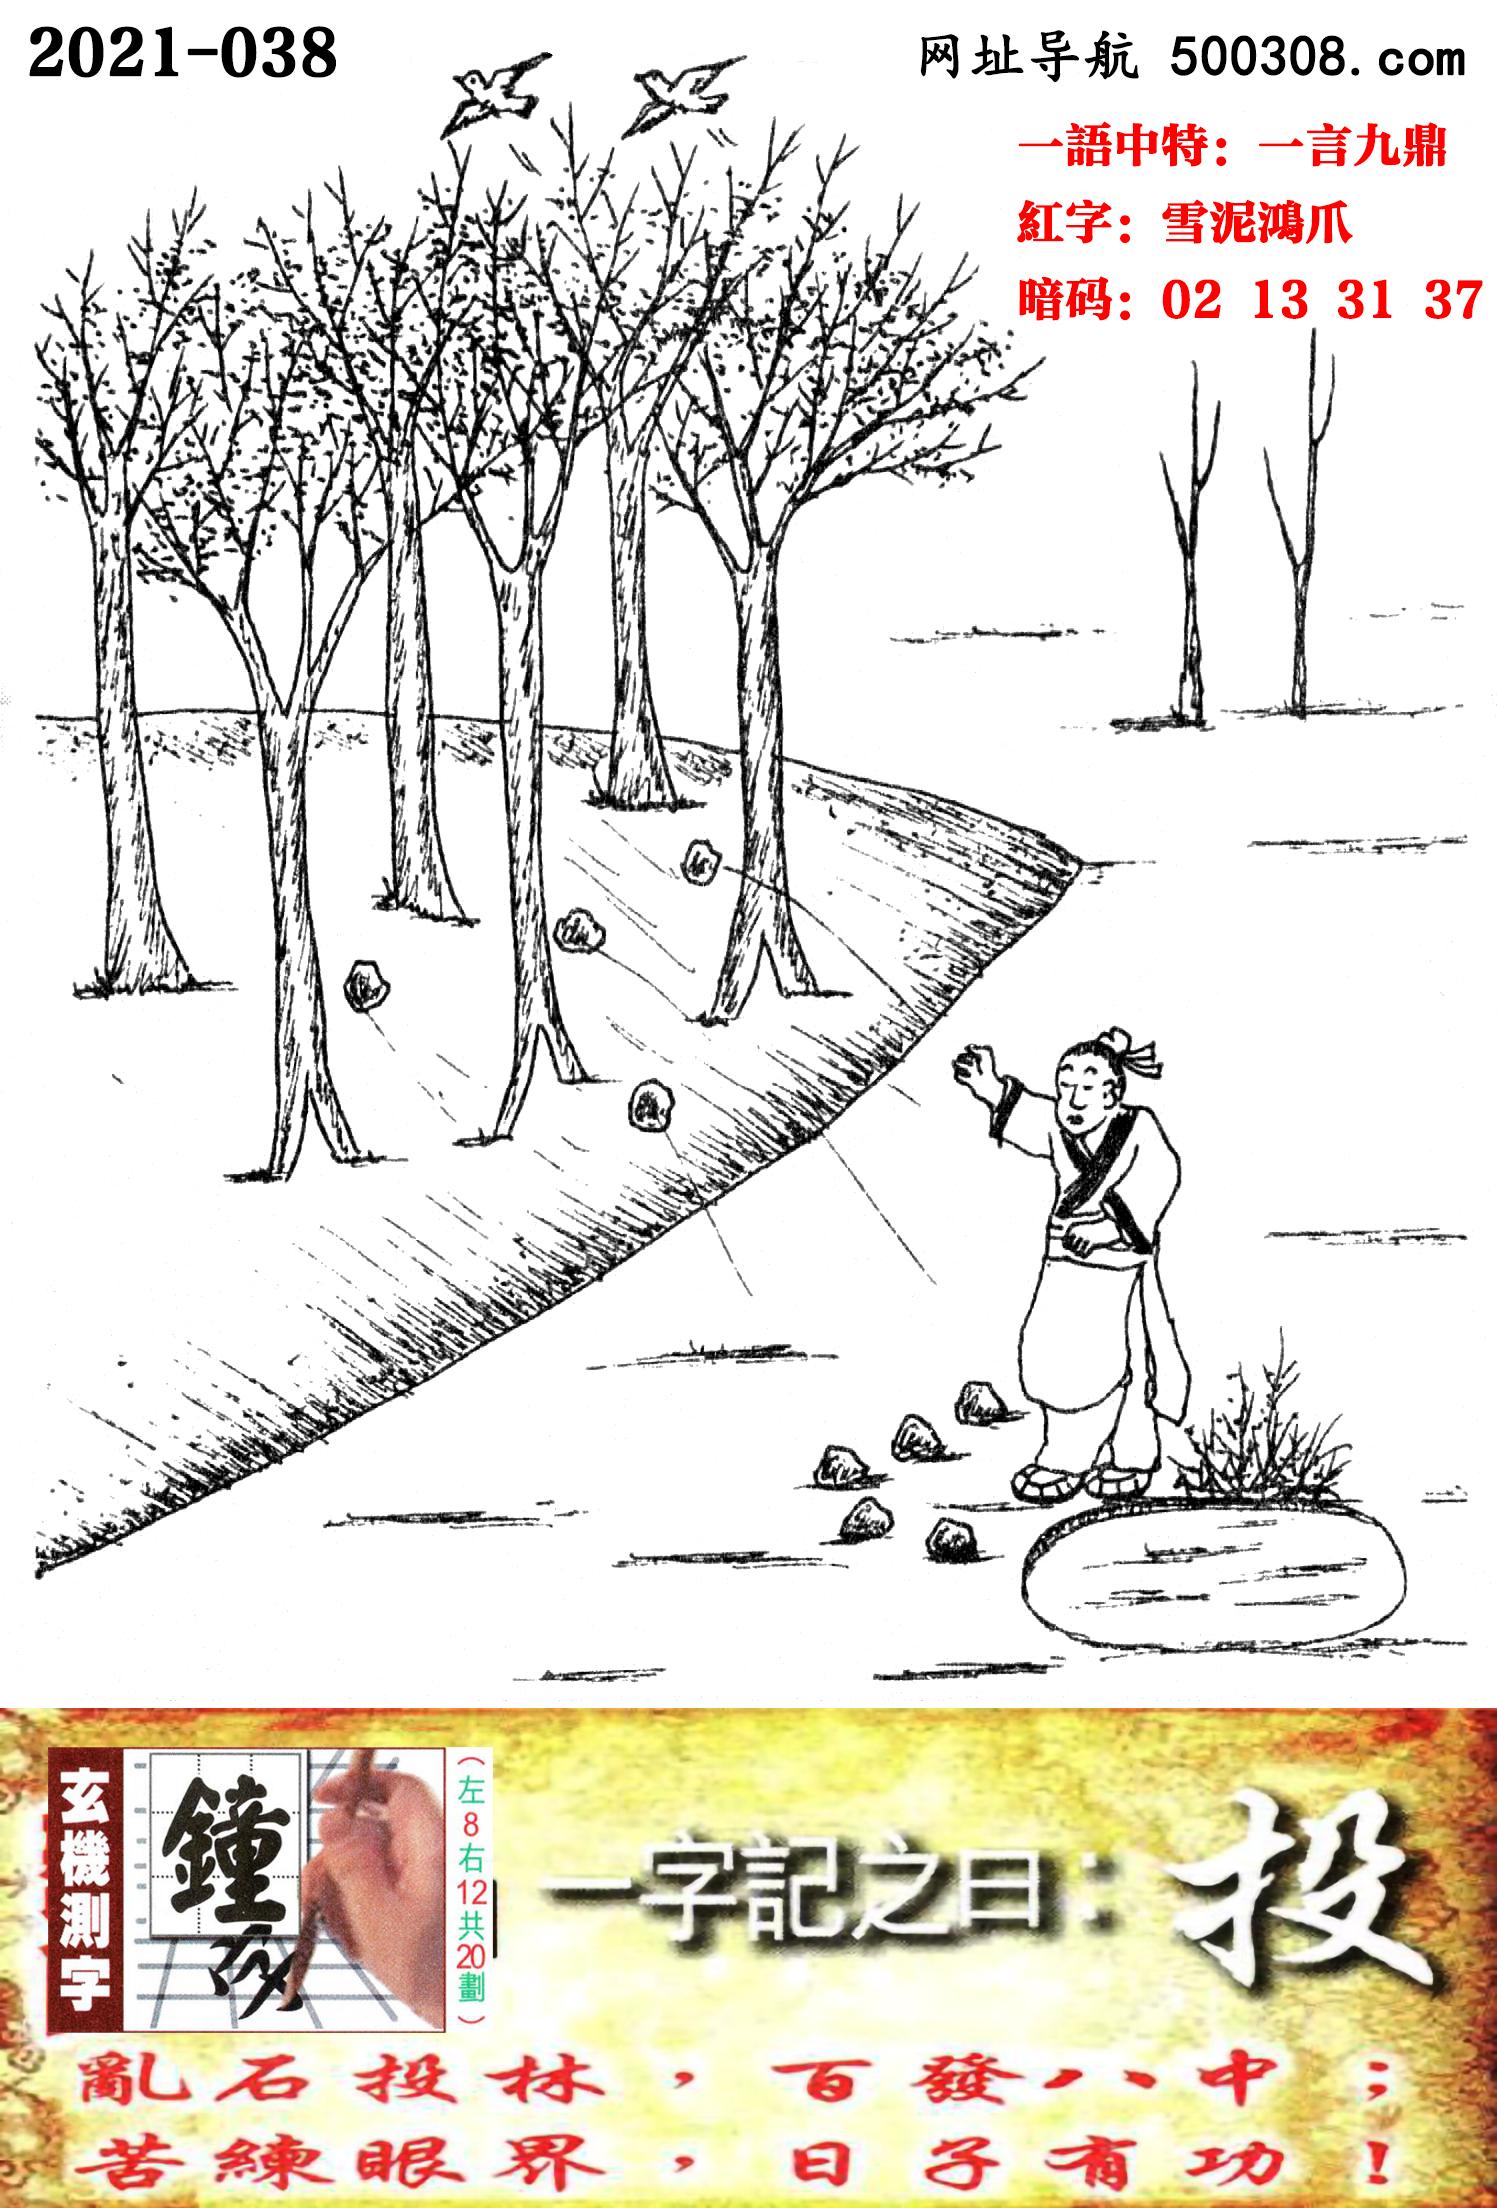 038期跑狗一字�之曰:【投】_�y石投林,百�l八中;苦�眼界,日子有功!